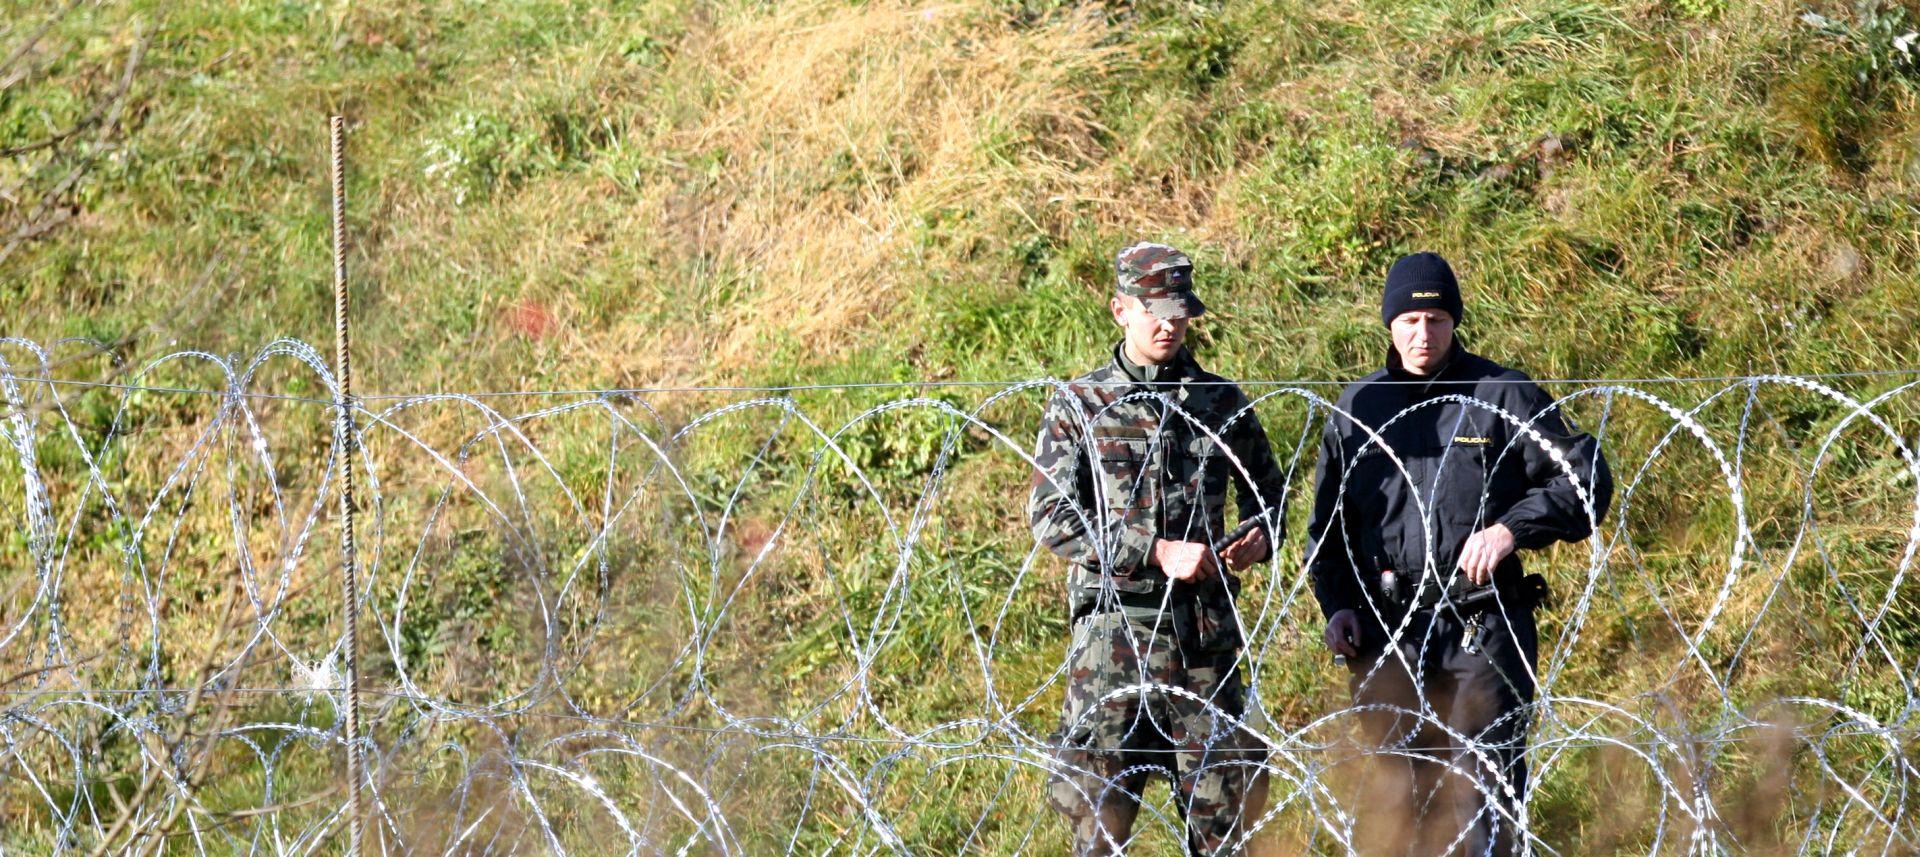 Cerar: Slovenija više neće postavljati žicu na spornom graničnom području